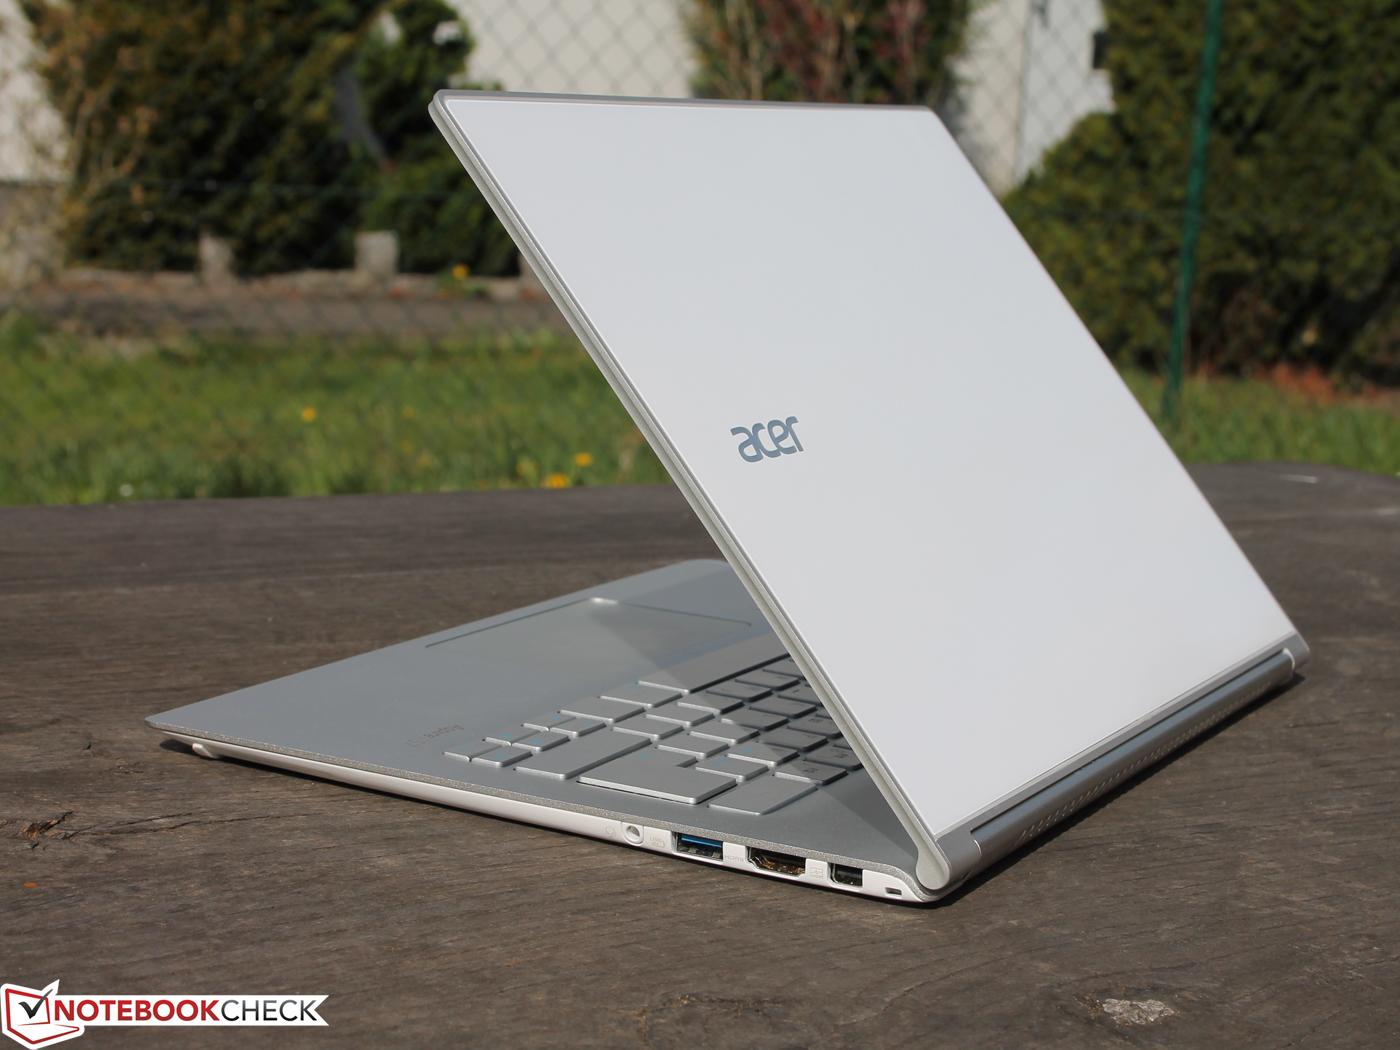 Breve Análise do Ultrabook Acer Aspire S7 (2015